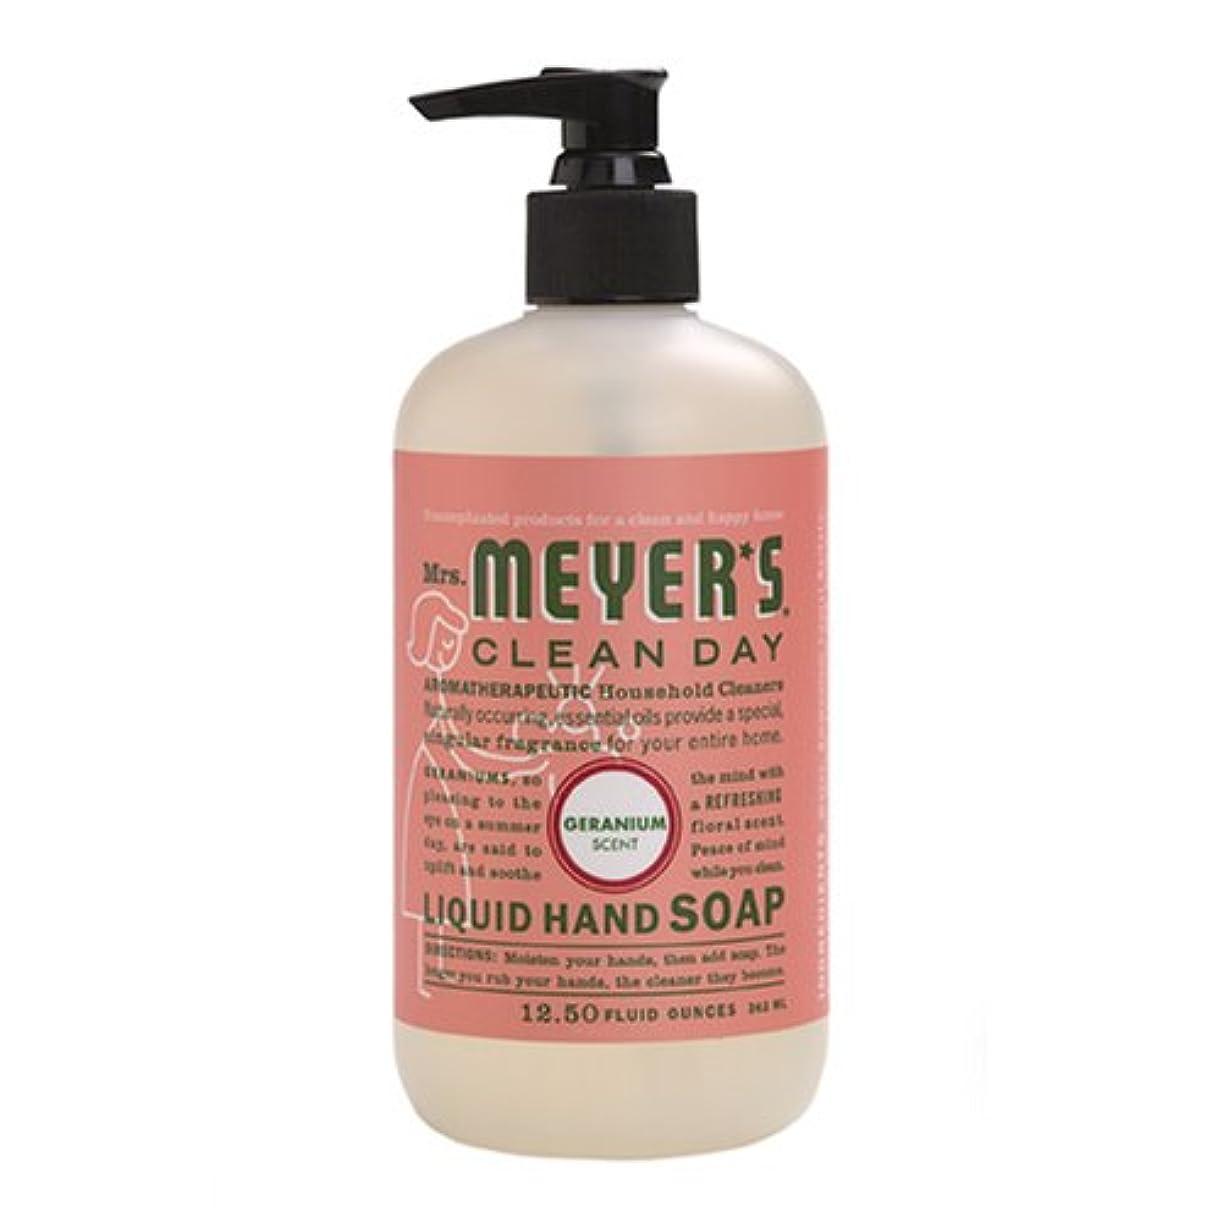 存在受付スケルトンMrs. Meyers Clean Day, Liquid Hand Soap, Geranium Scent, 12.5 fl oz (370 ml)